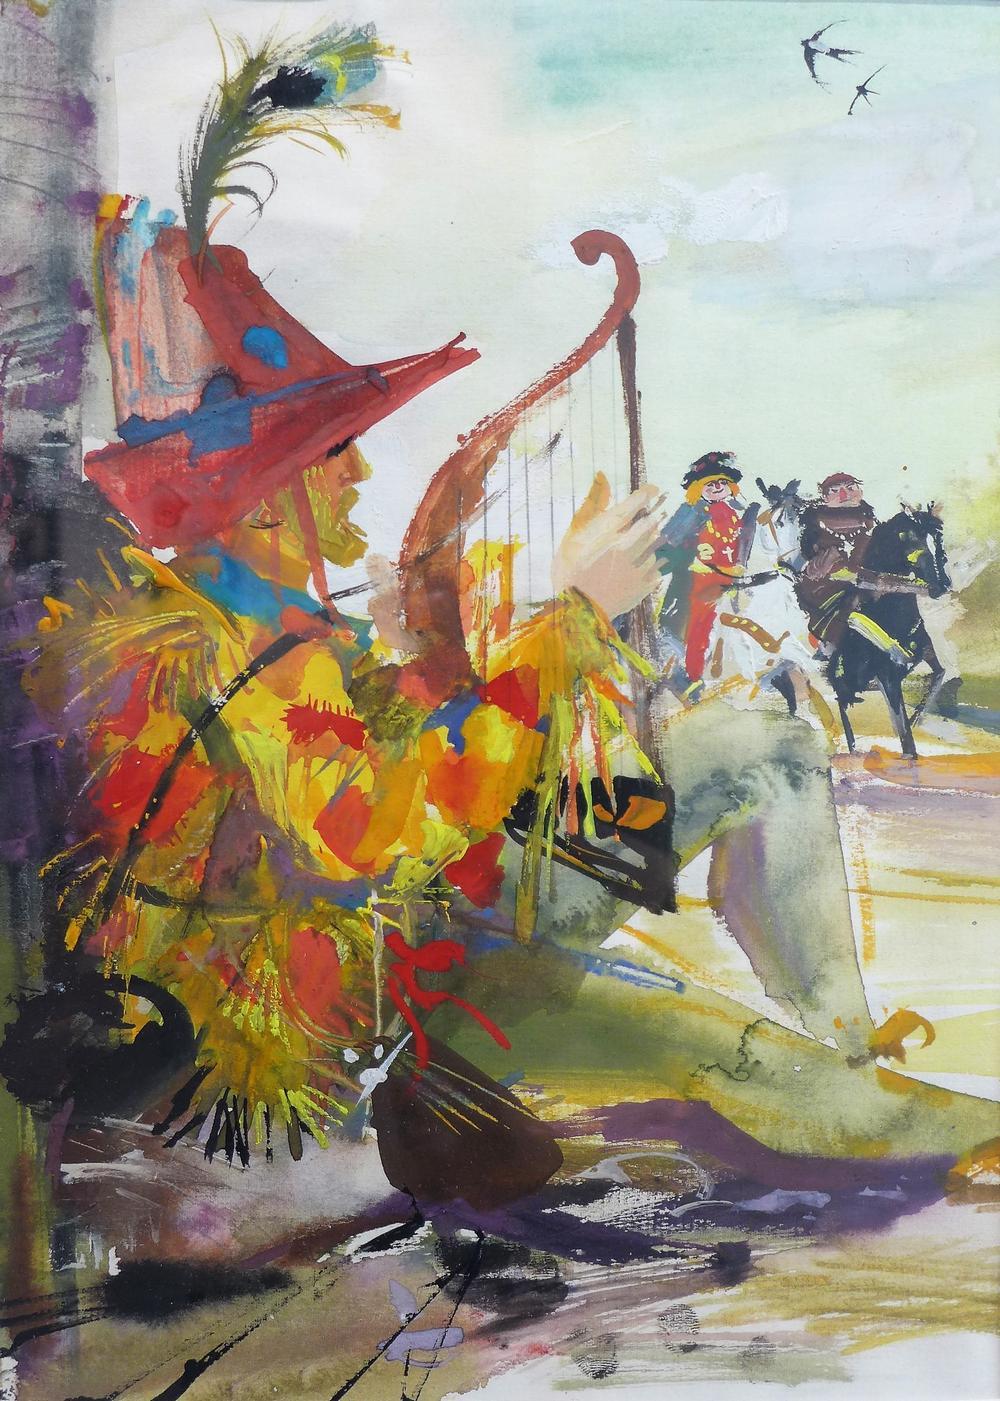 Ilustracja do książki Howarda Pyle'a Wesołe przygody Robin Hooda (wyd. I, Iskry, Warszawa 1961)